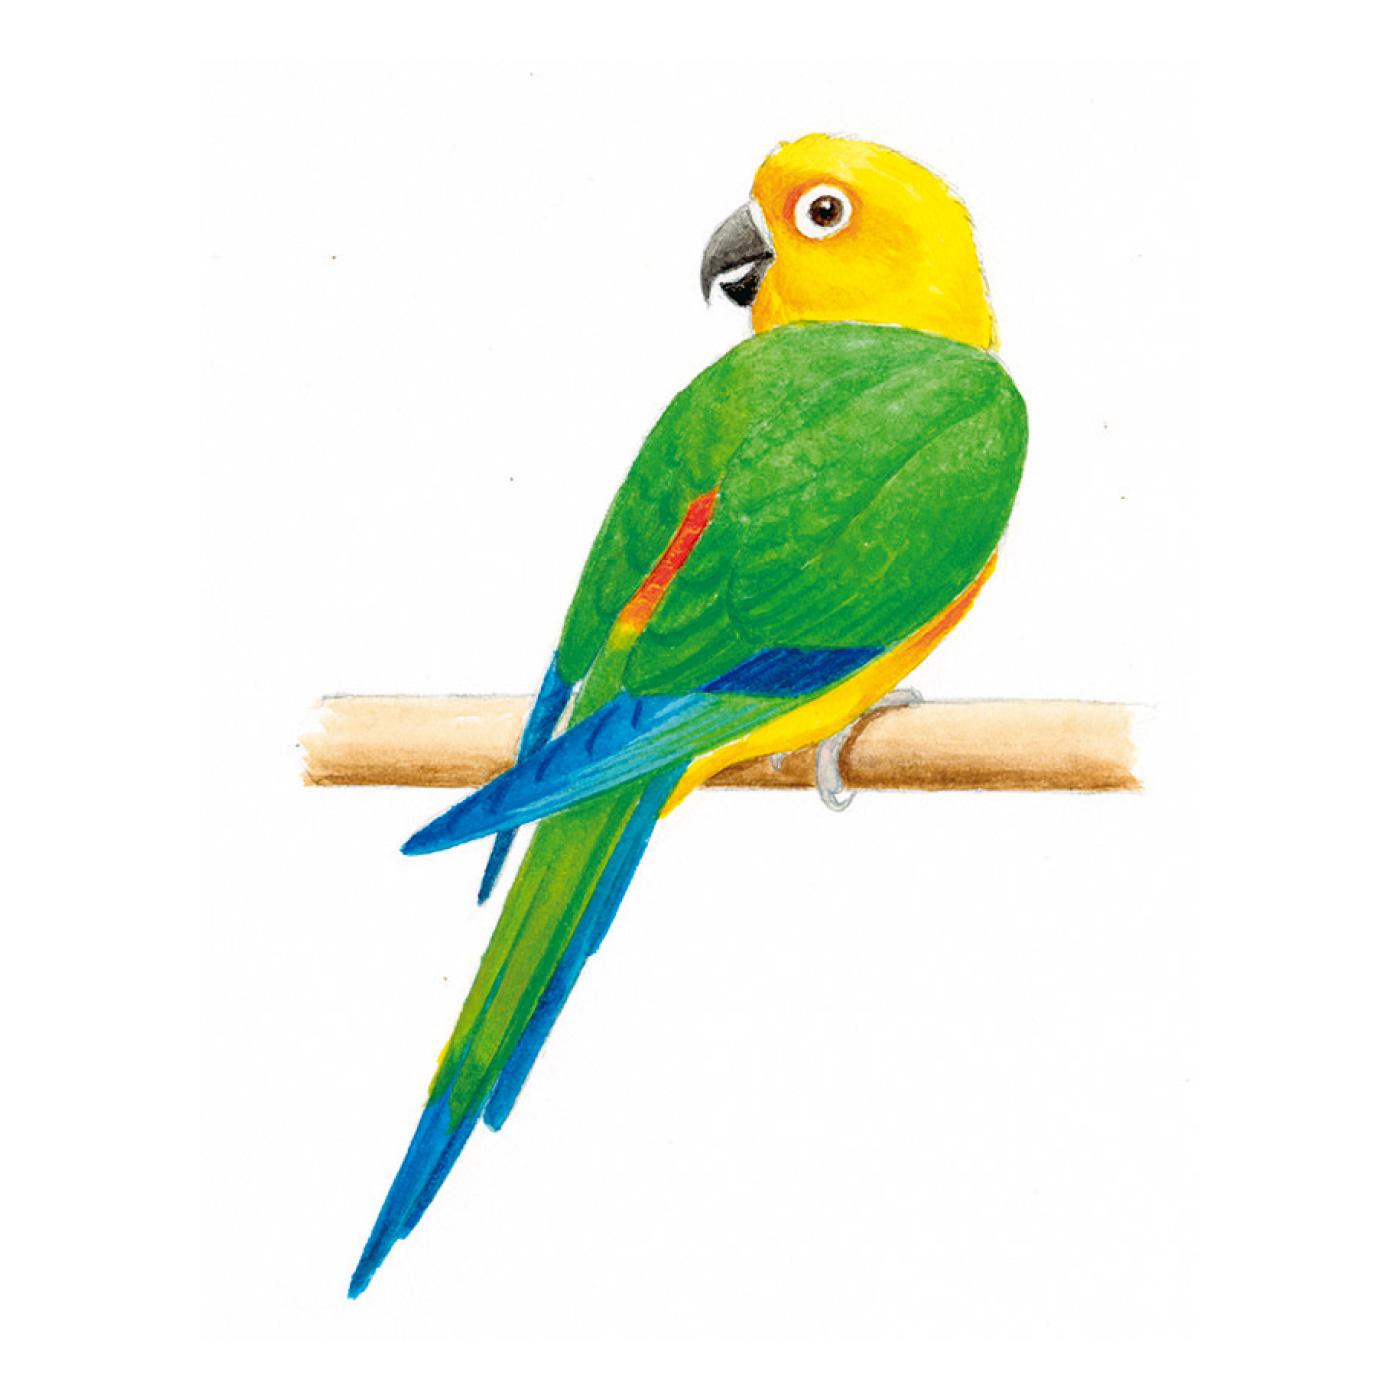 谷口さんが描く、生き生きした鳥たちの姿を刺しゅうに。